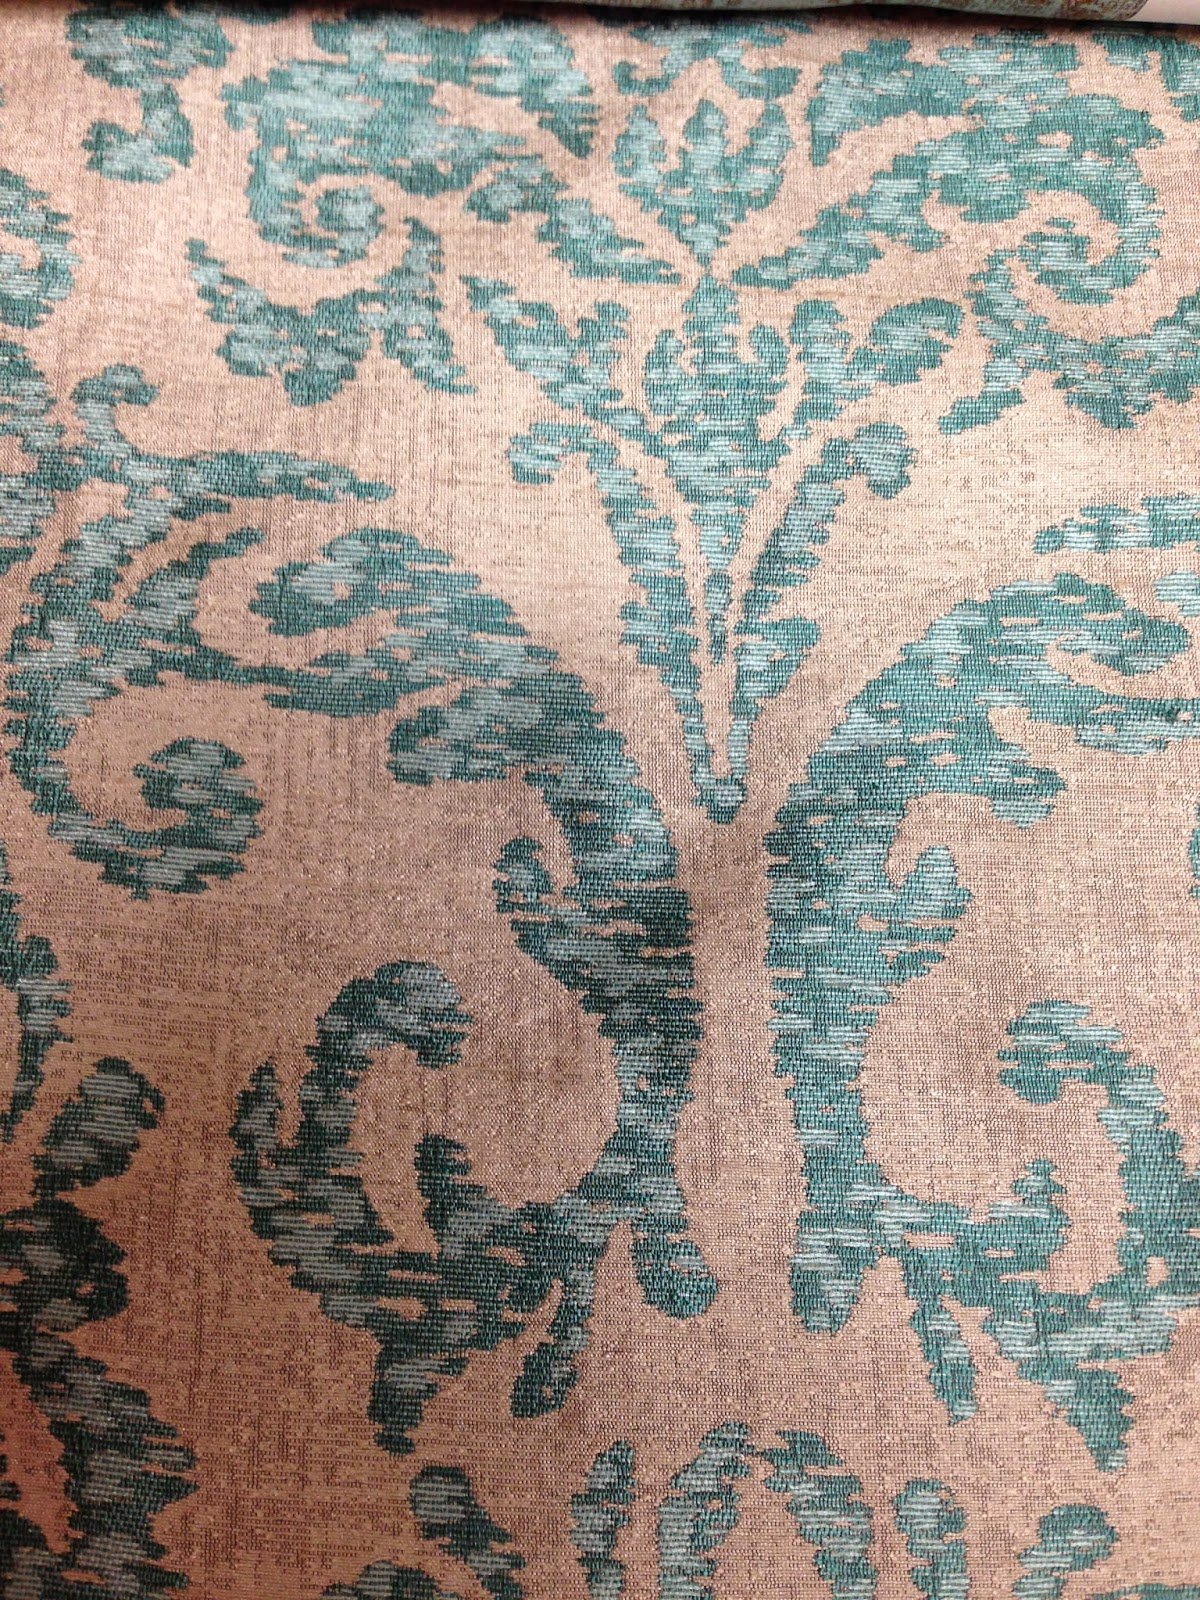 prints, woven